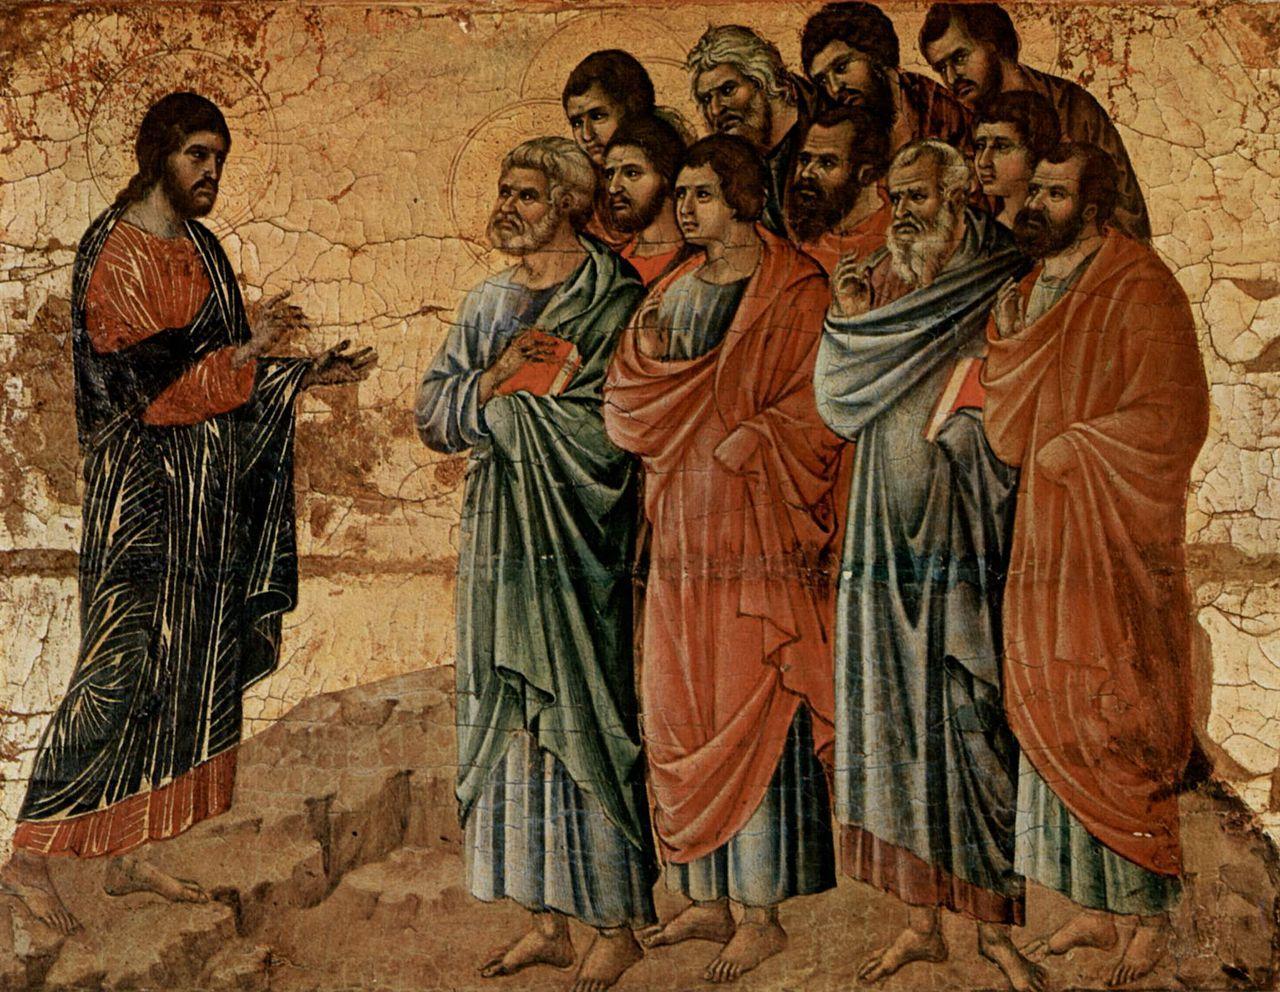 Imágenes: Jesús y los discípulos